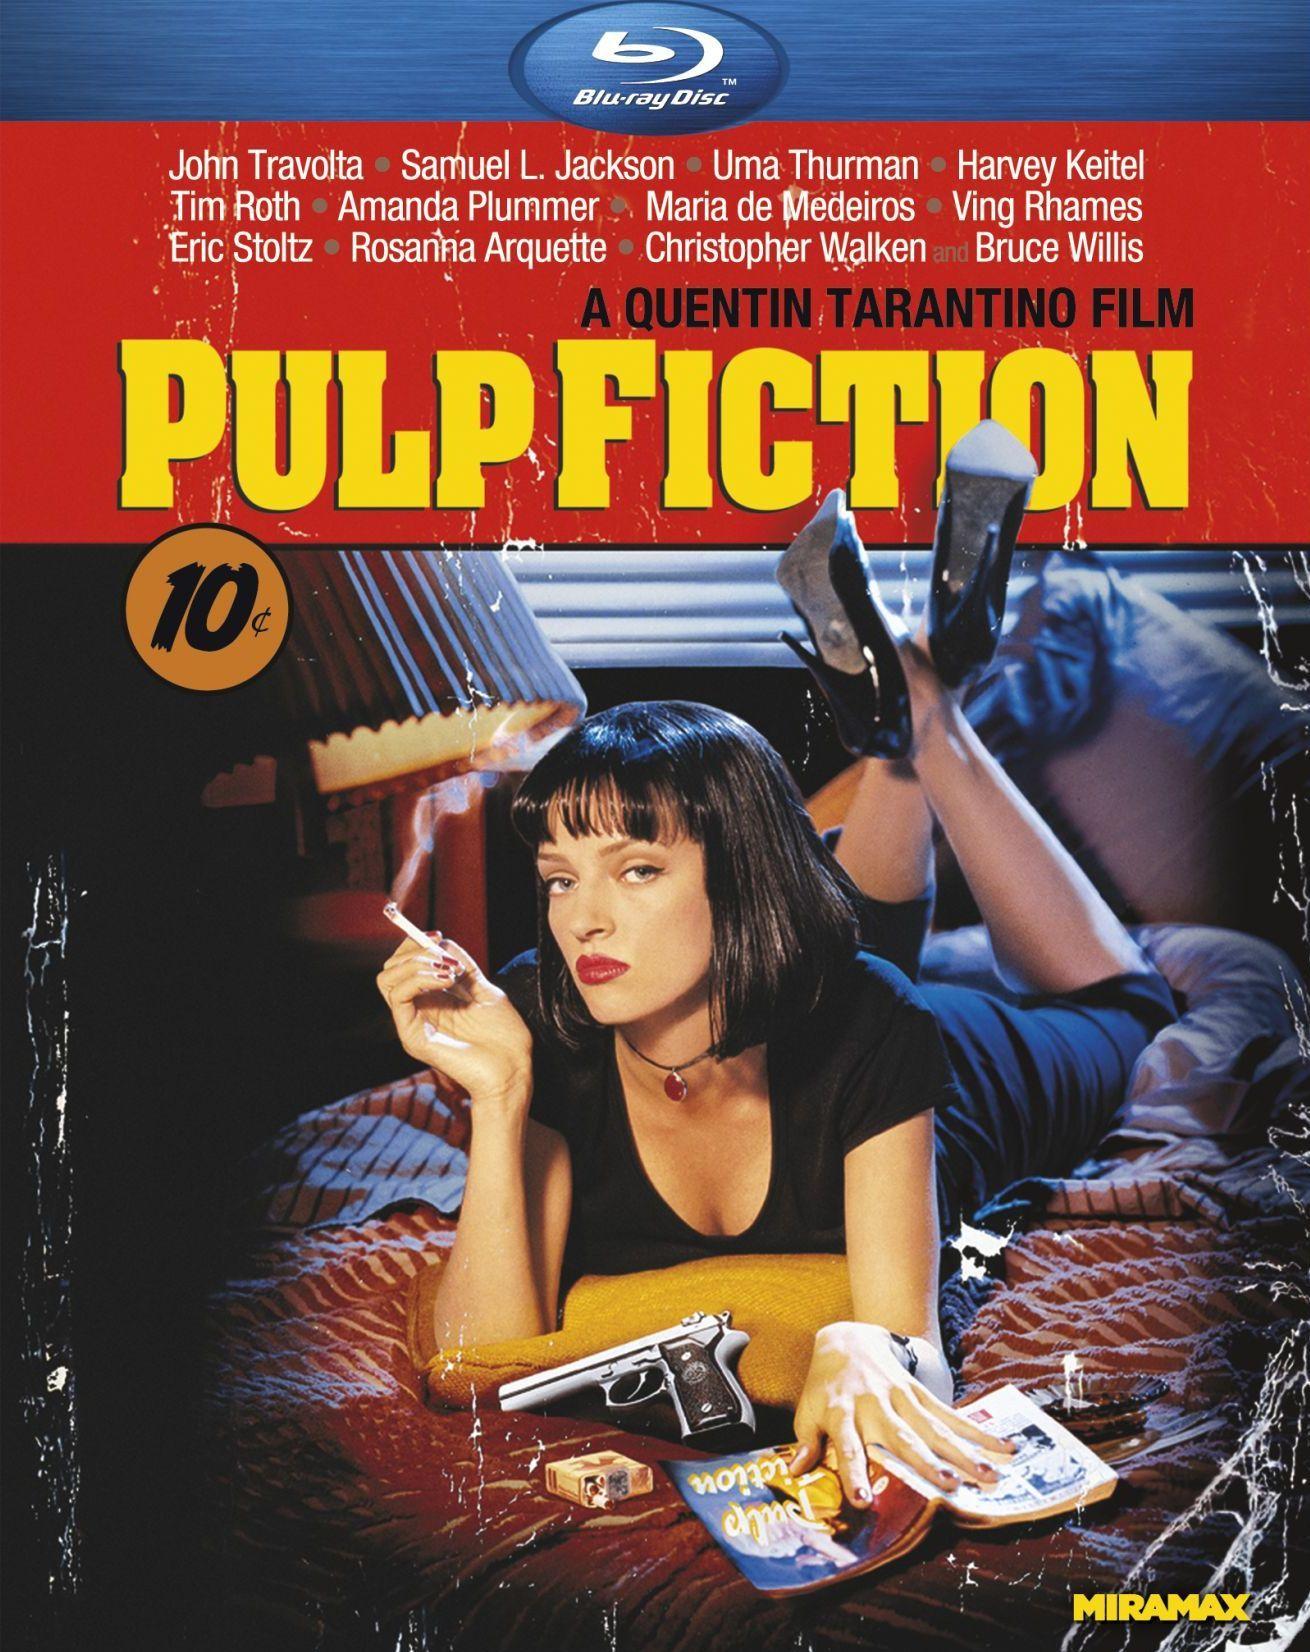 Pulp Fiction 20